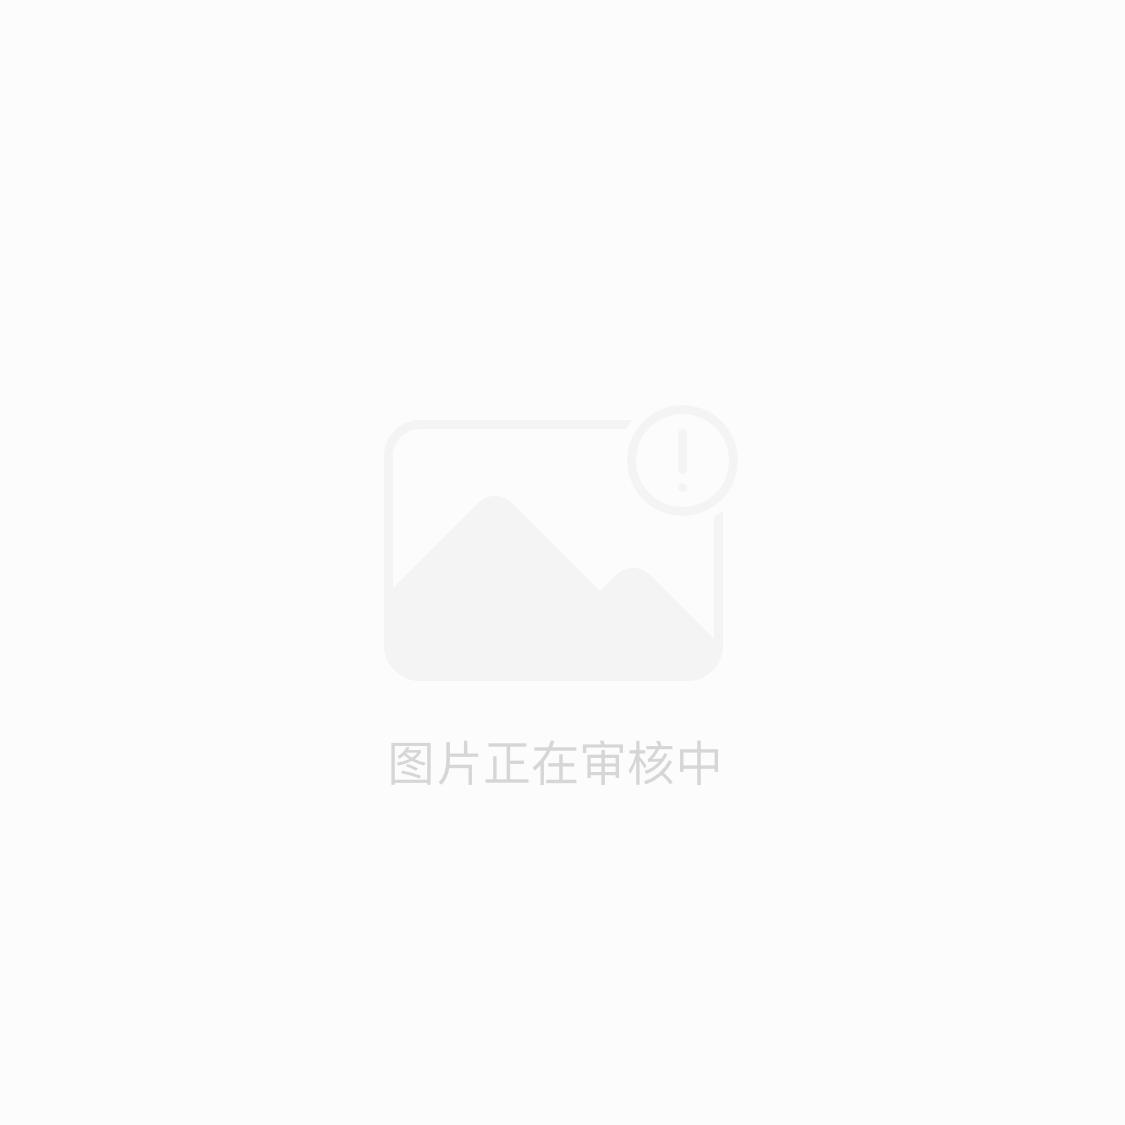 薏仁米买4送1天然小薏米薏仁米苡米仁500g农家自产做粥粗粮